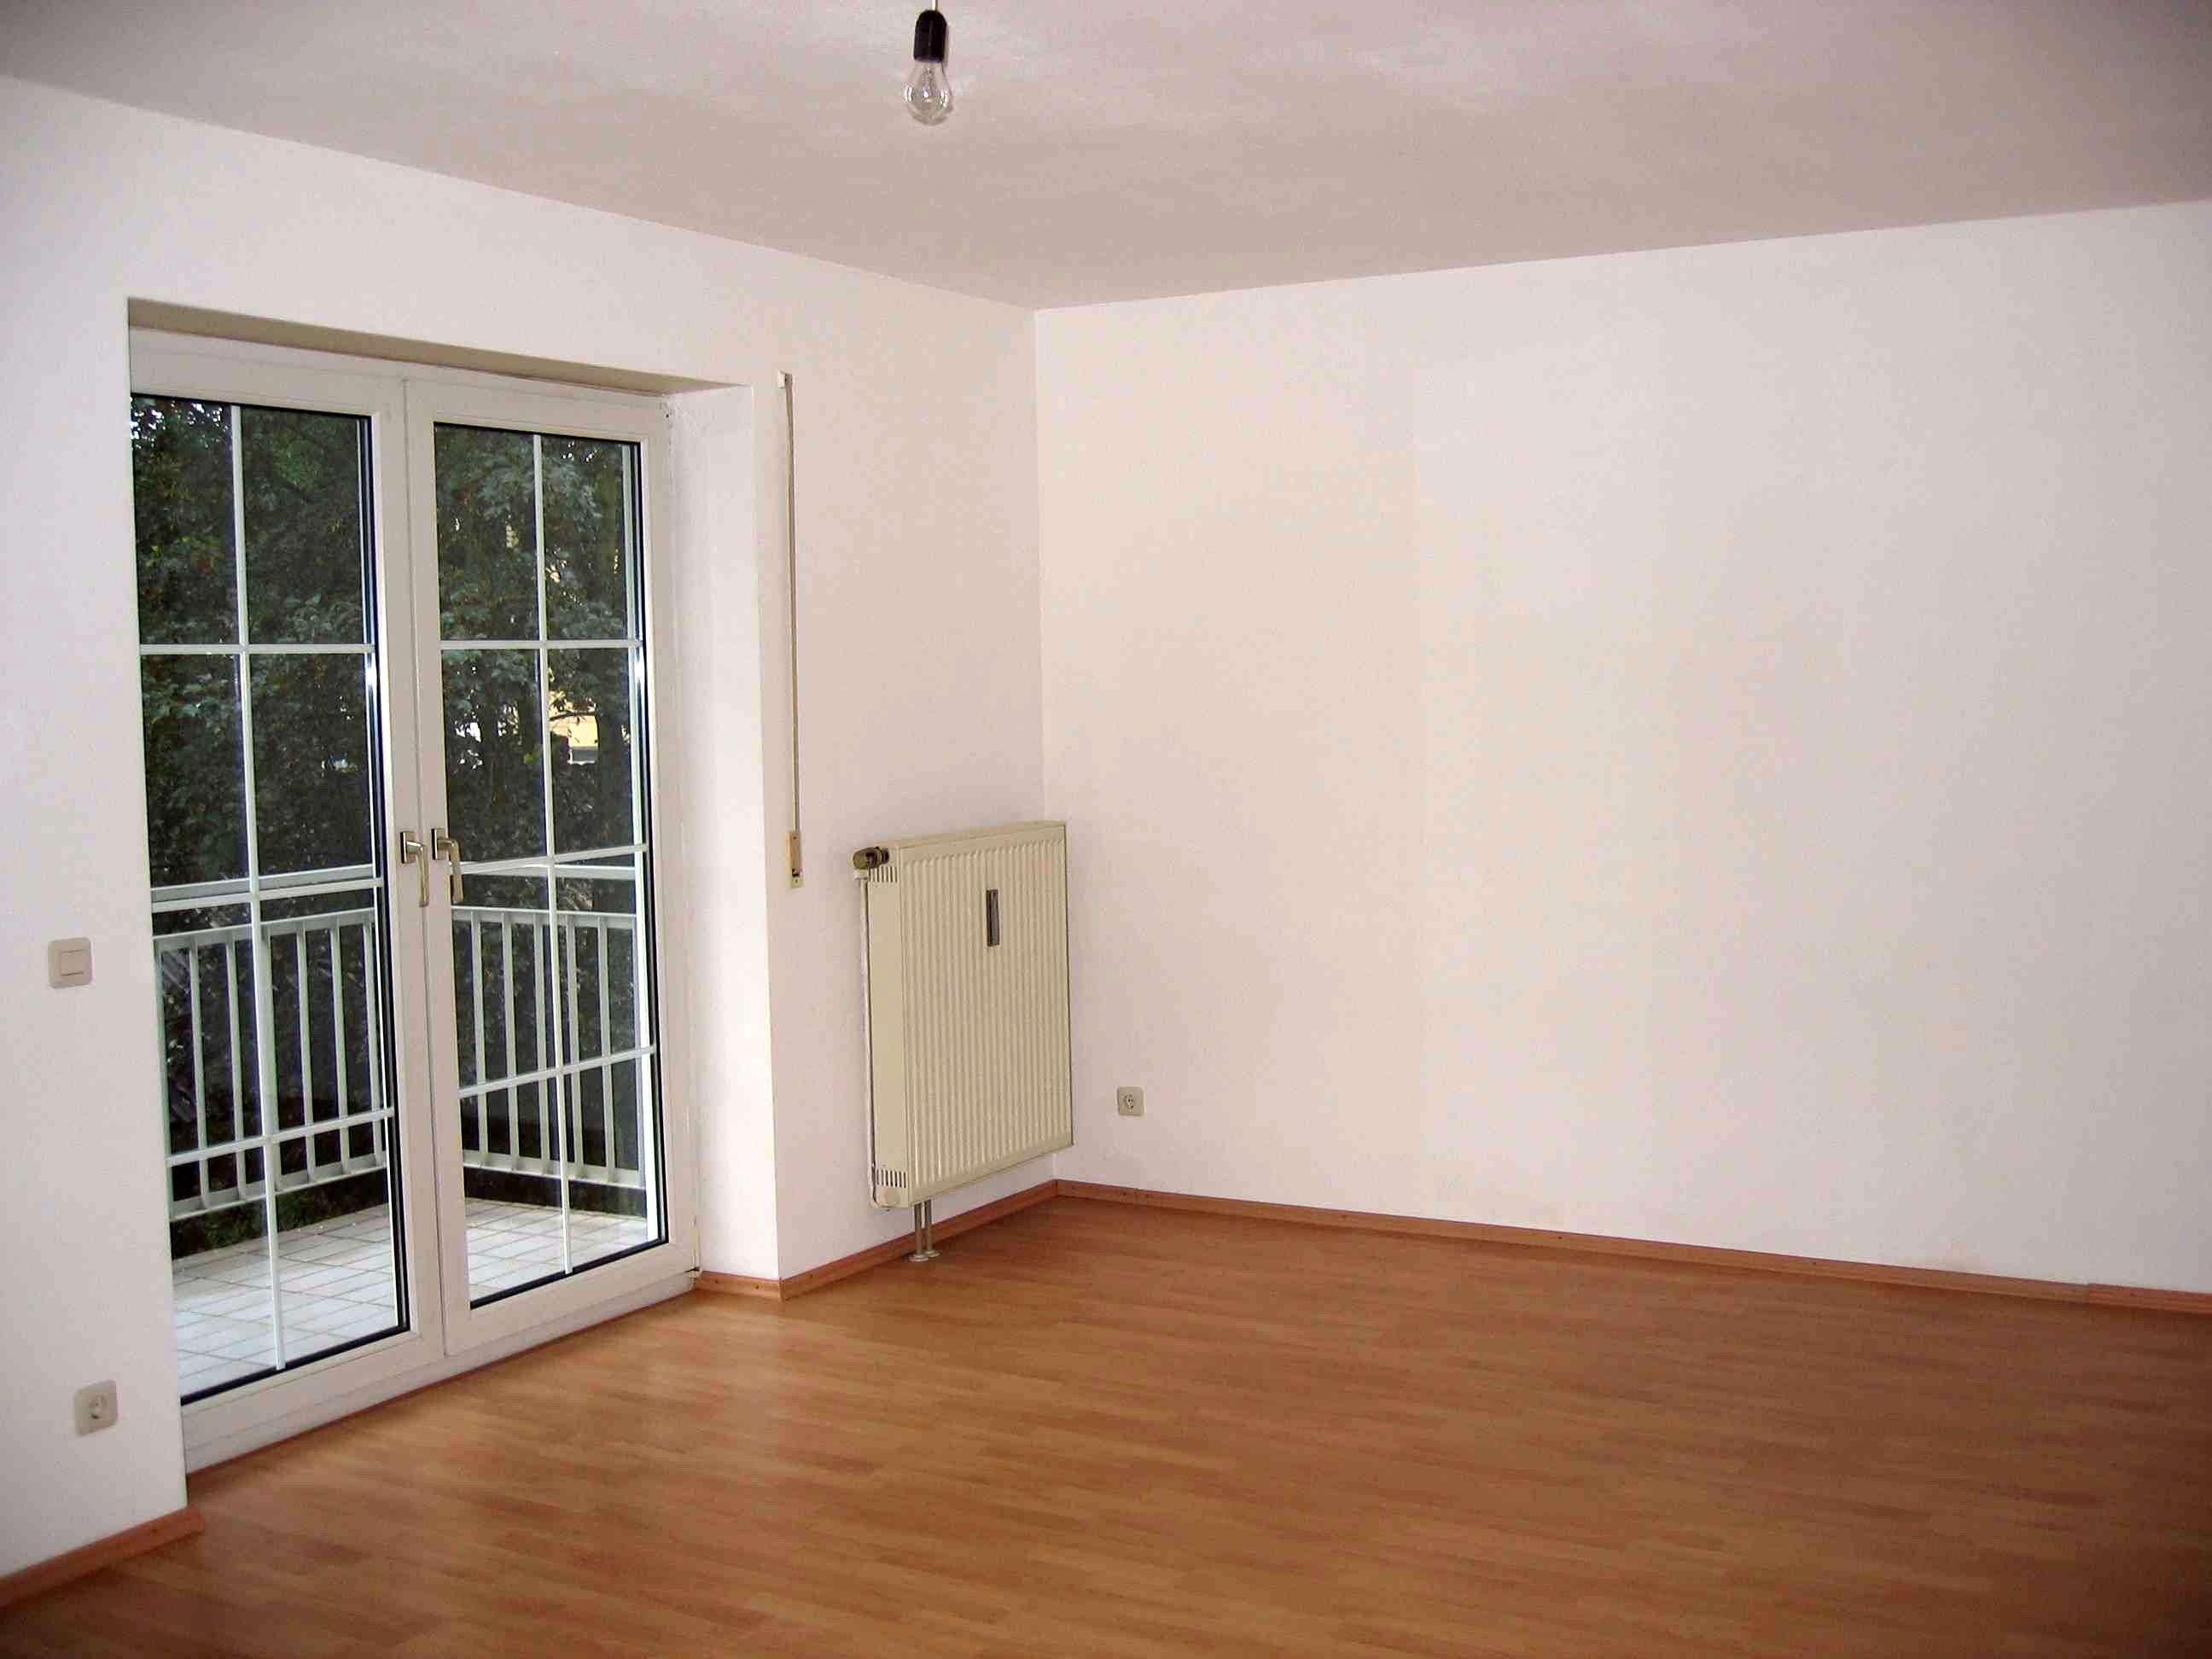 Gepflegte 3-Zimmer-Wohnung mit Balkon in Ingolstadt in Südwest (Ingolstadt)